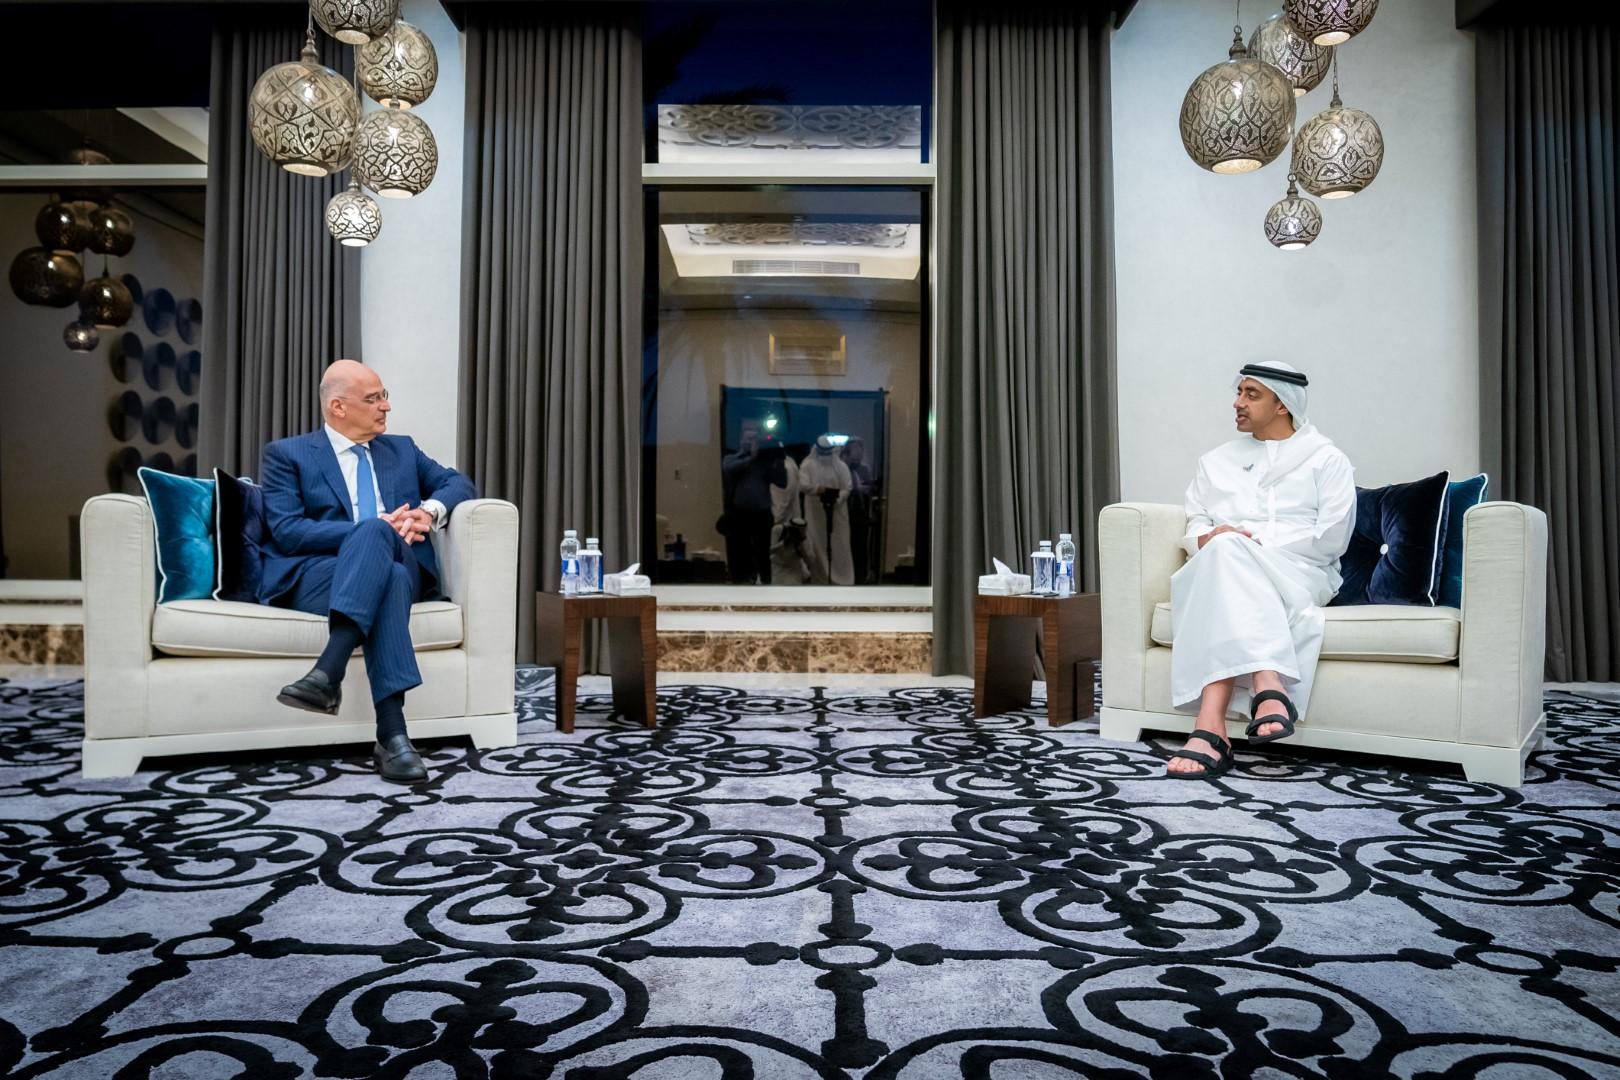 عبدالله بن زايد يستقبل وزير خارجية اليونان